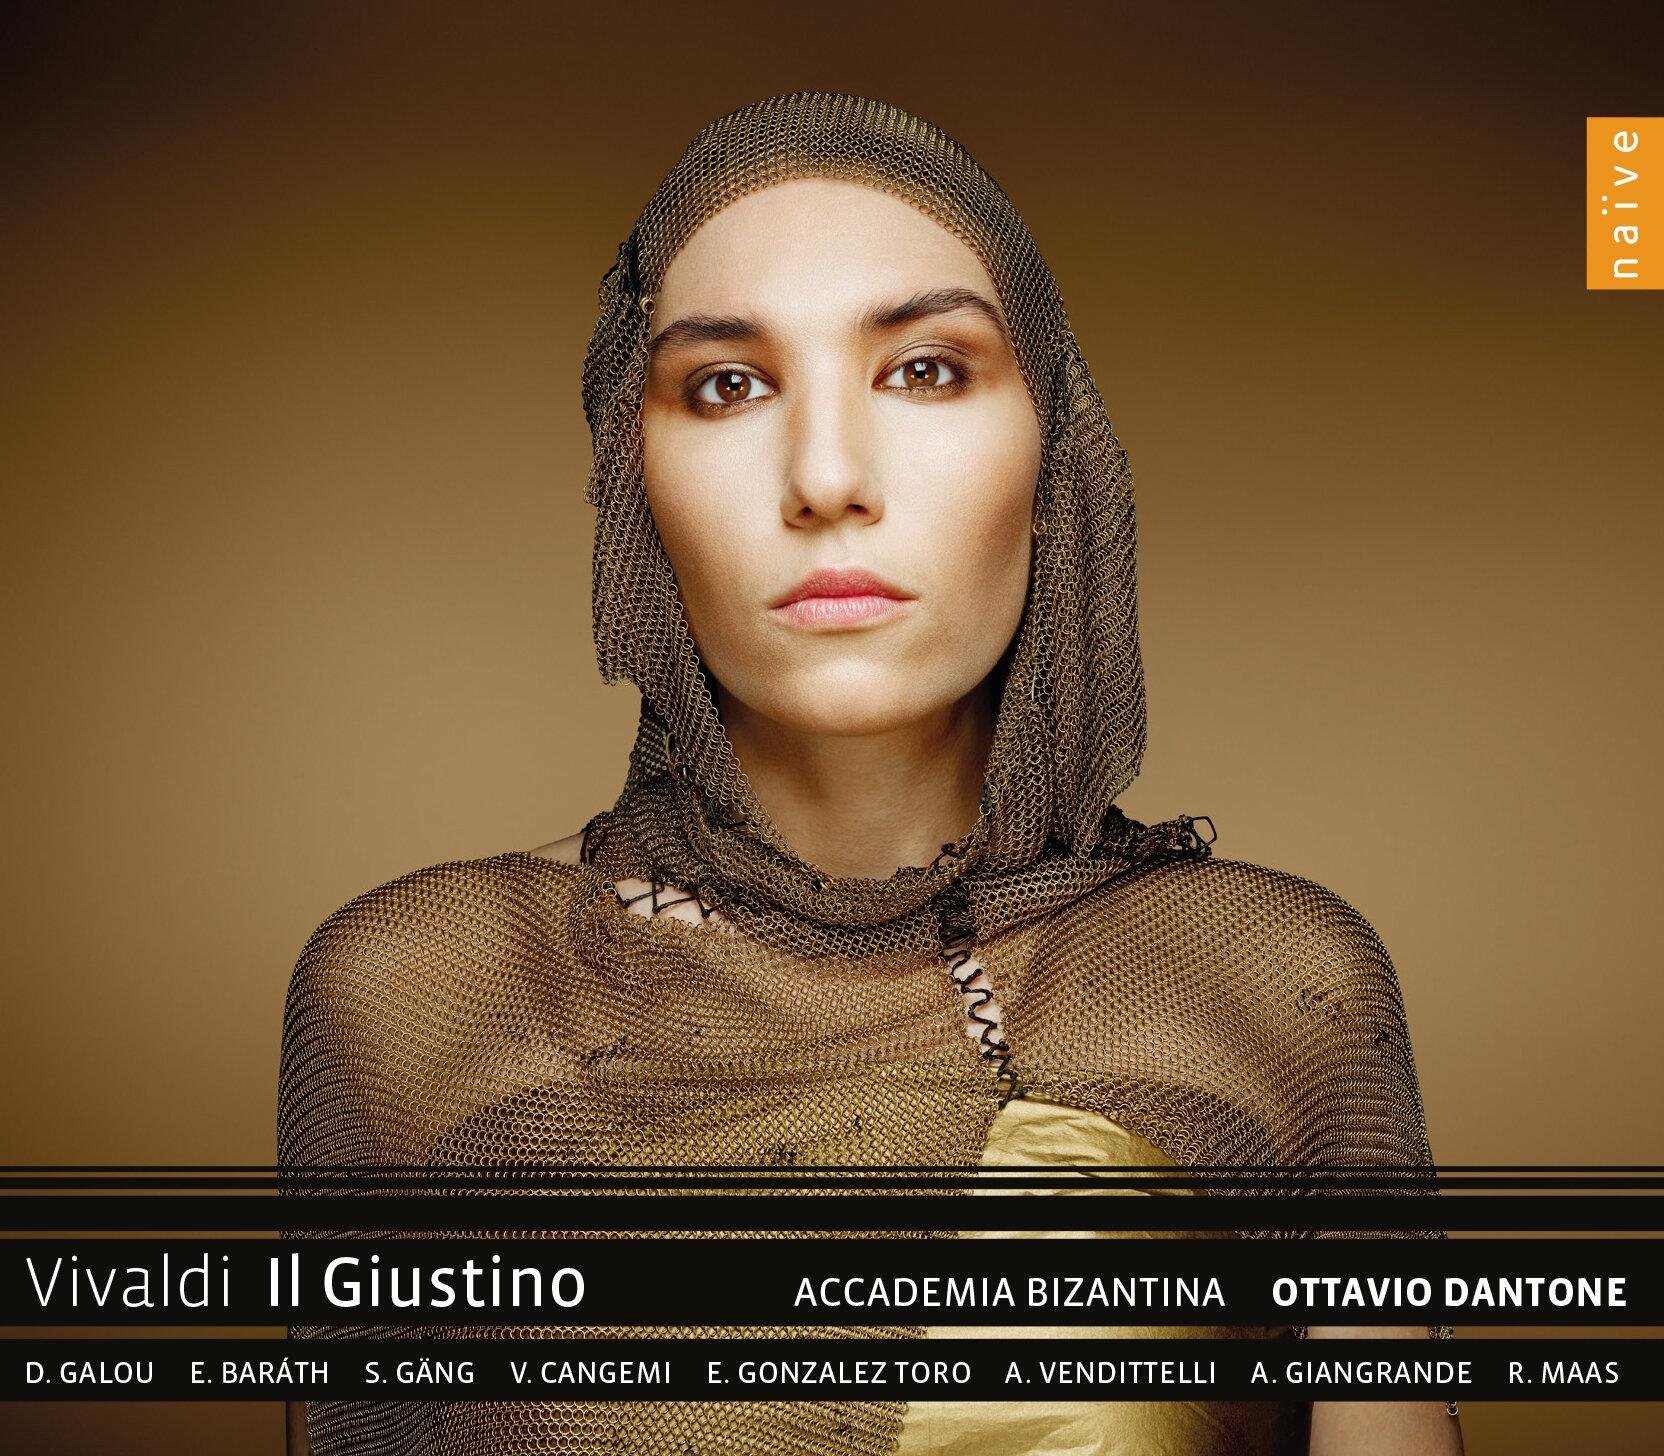 OP30571 Vivaldi Il Giustino Dantone.jpg